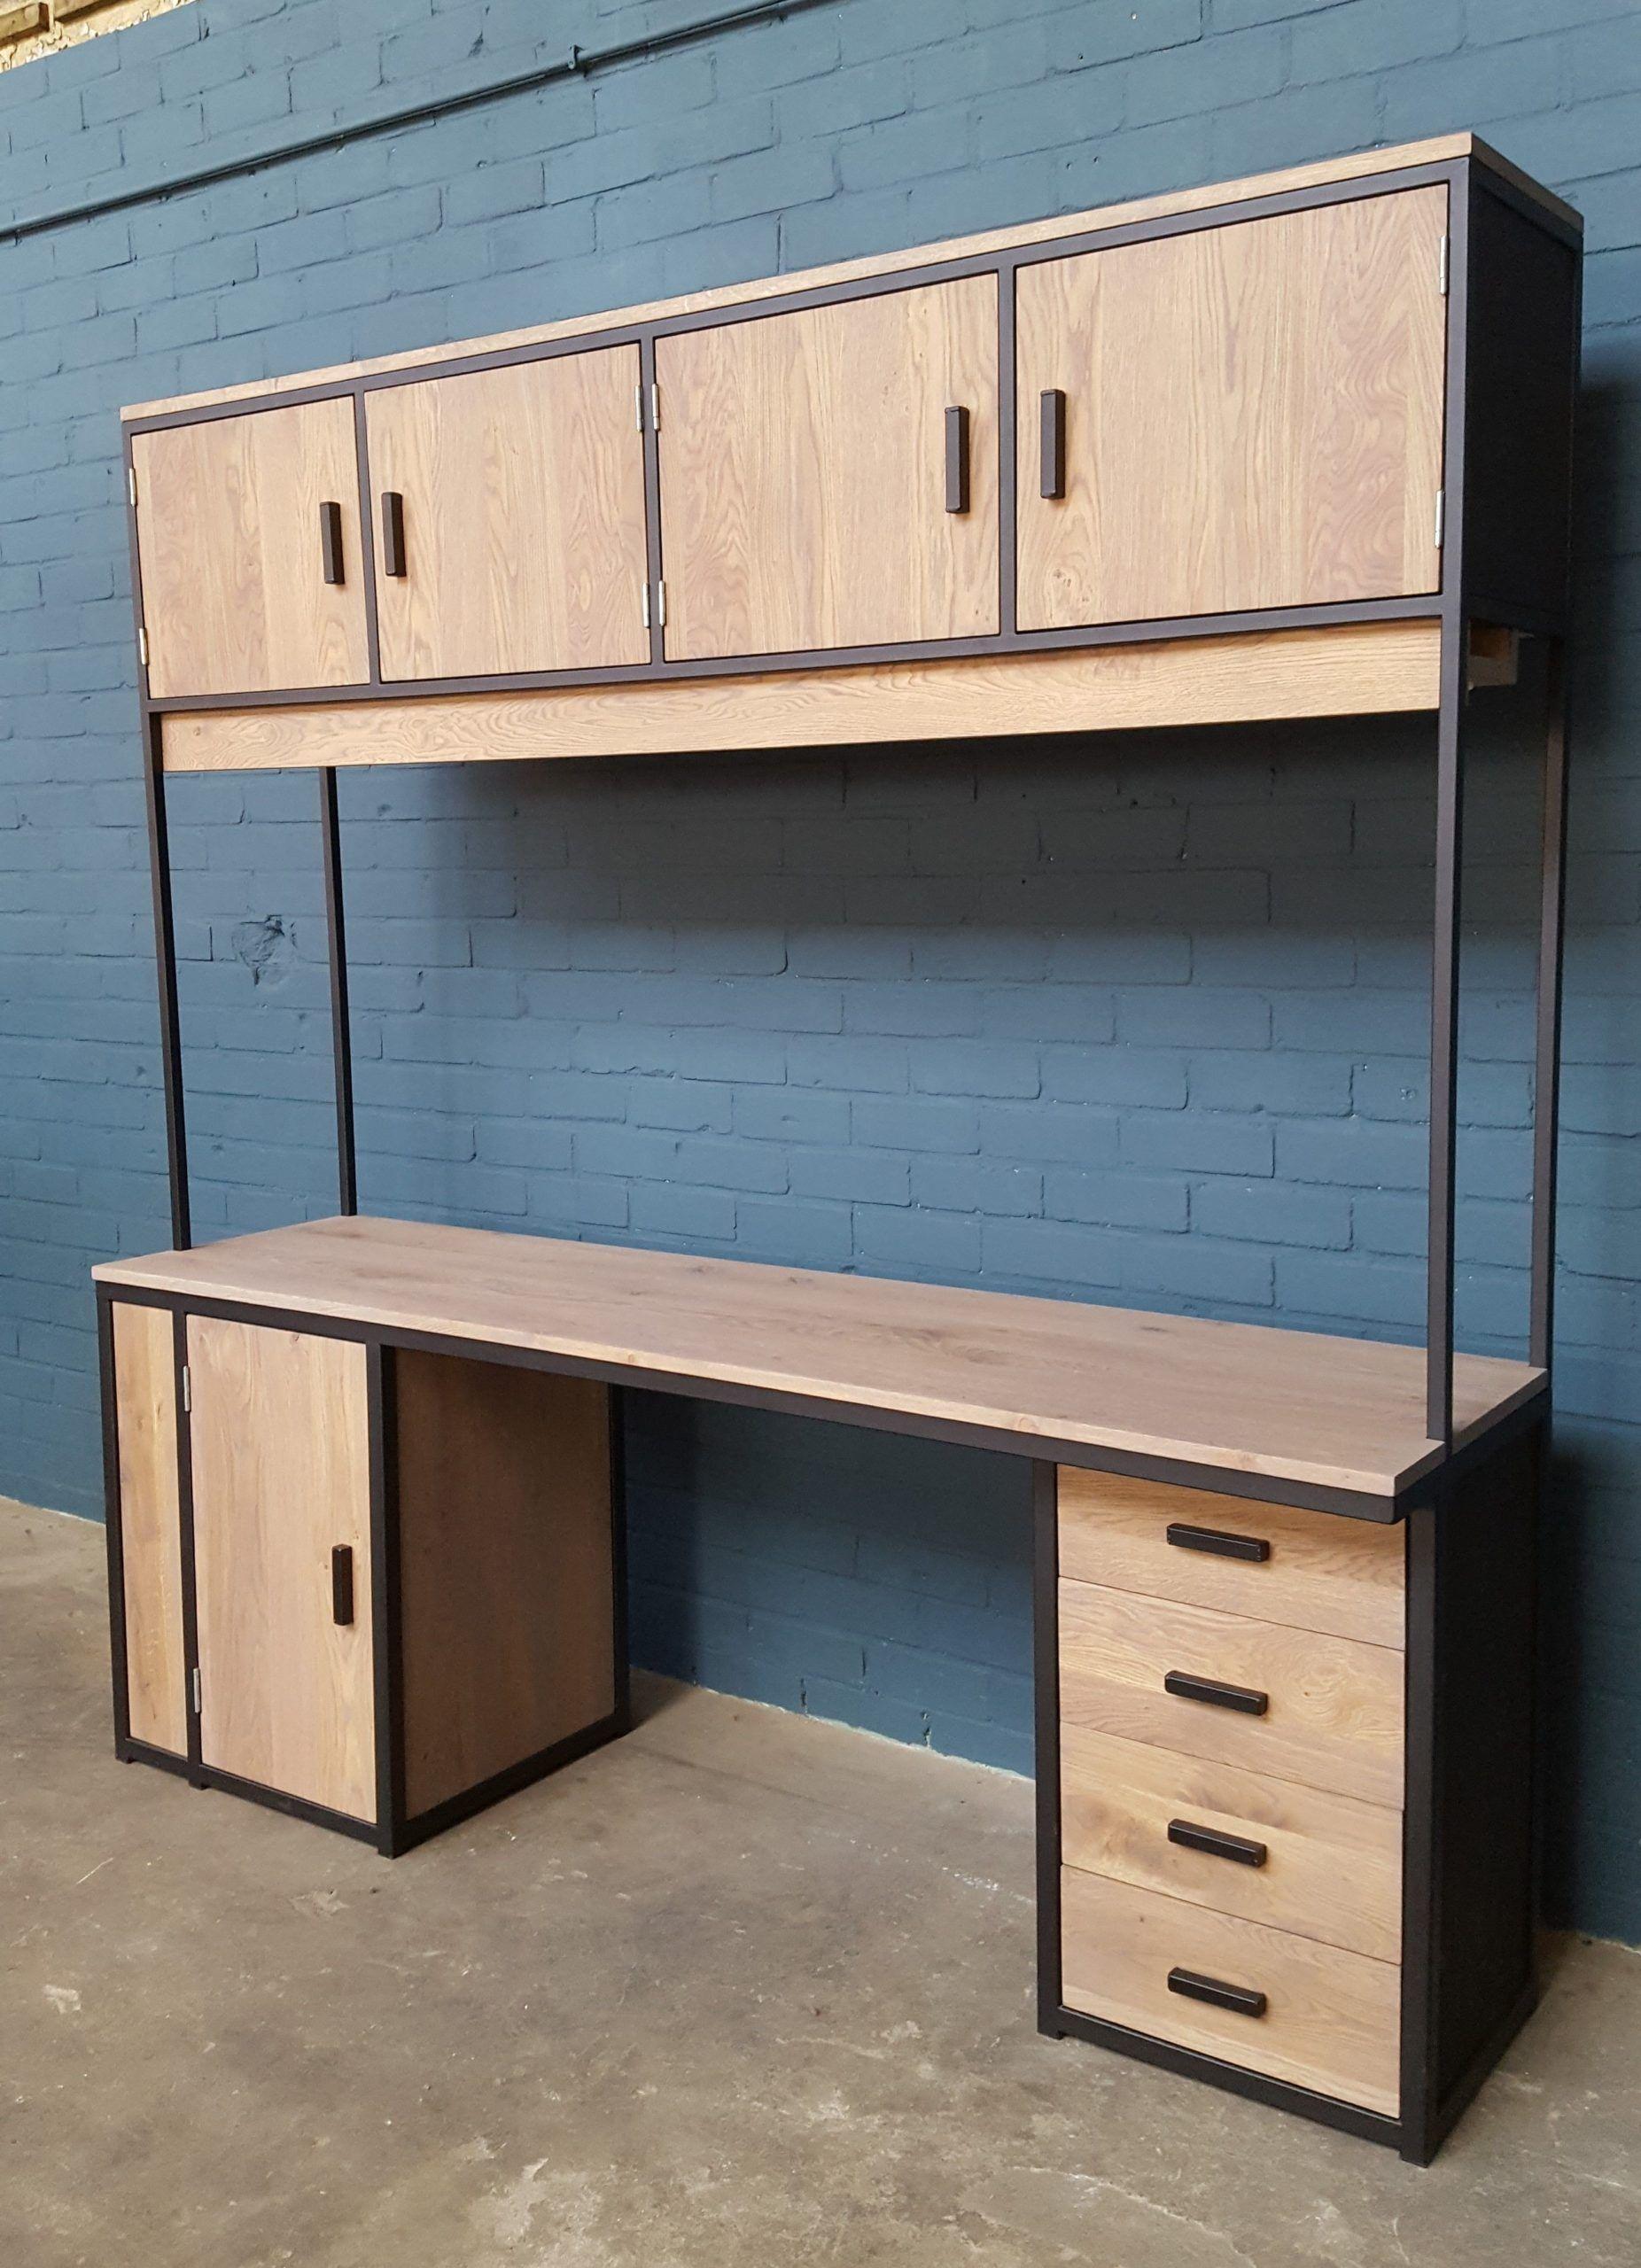 Schreibtisch Aus Holz Und Stahl Mit Beleuchtung In 2020 Schreibtisch Holz Holz Stahl